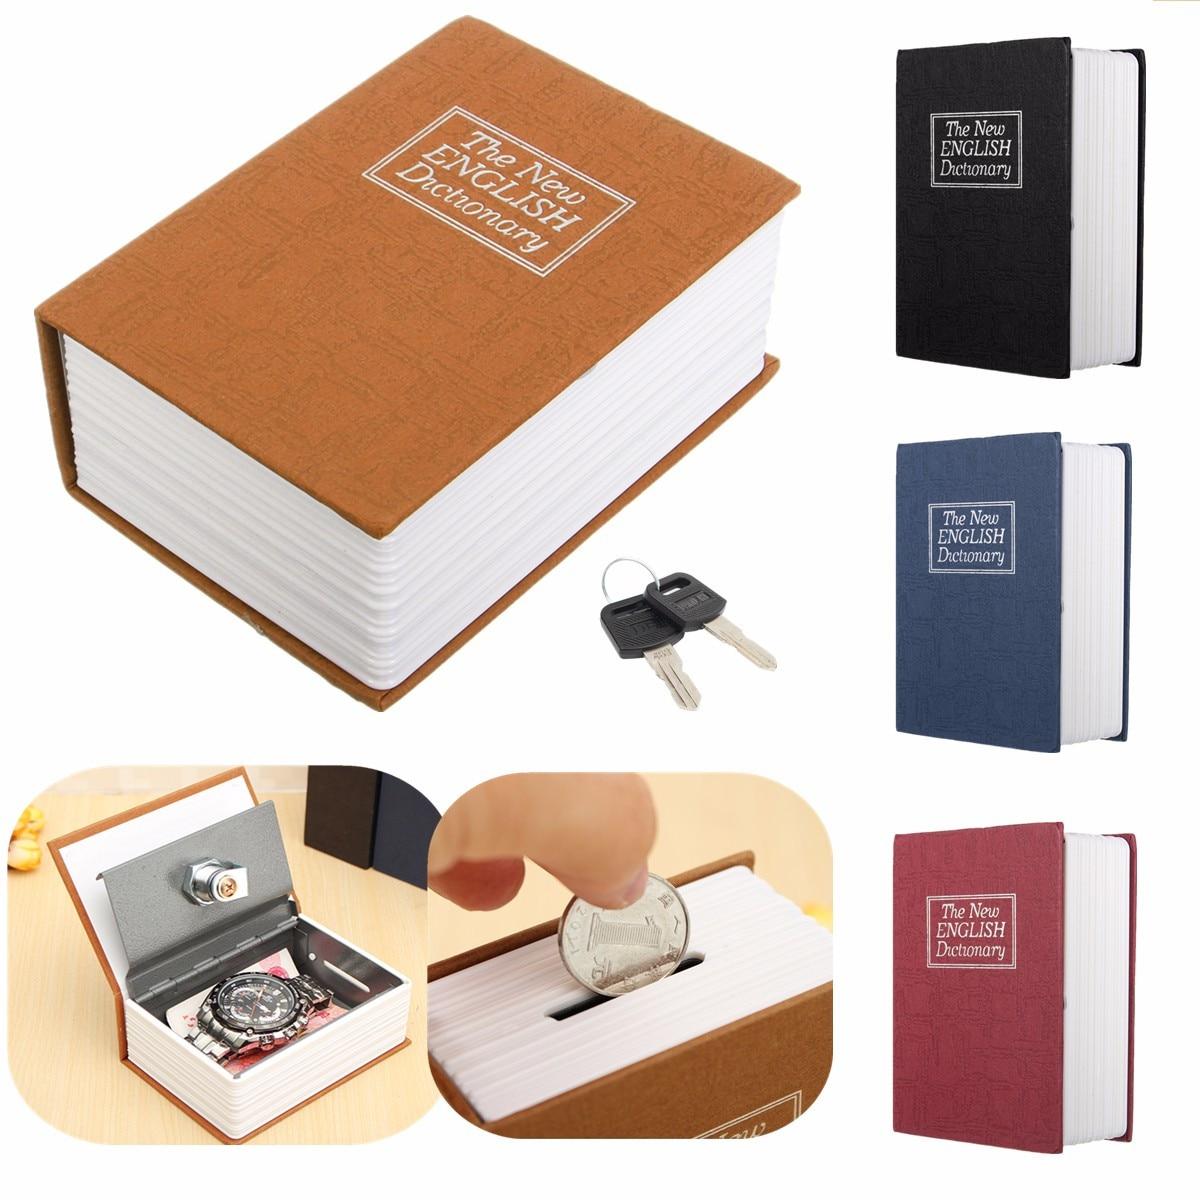 4 farbe Hause Lagerung Sichere Box Wörterbuch Buch Bank Geld Bargeld Schmuck Versteckte Geheimnis Sicherheit Locker Mit Key Lock